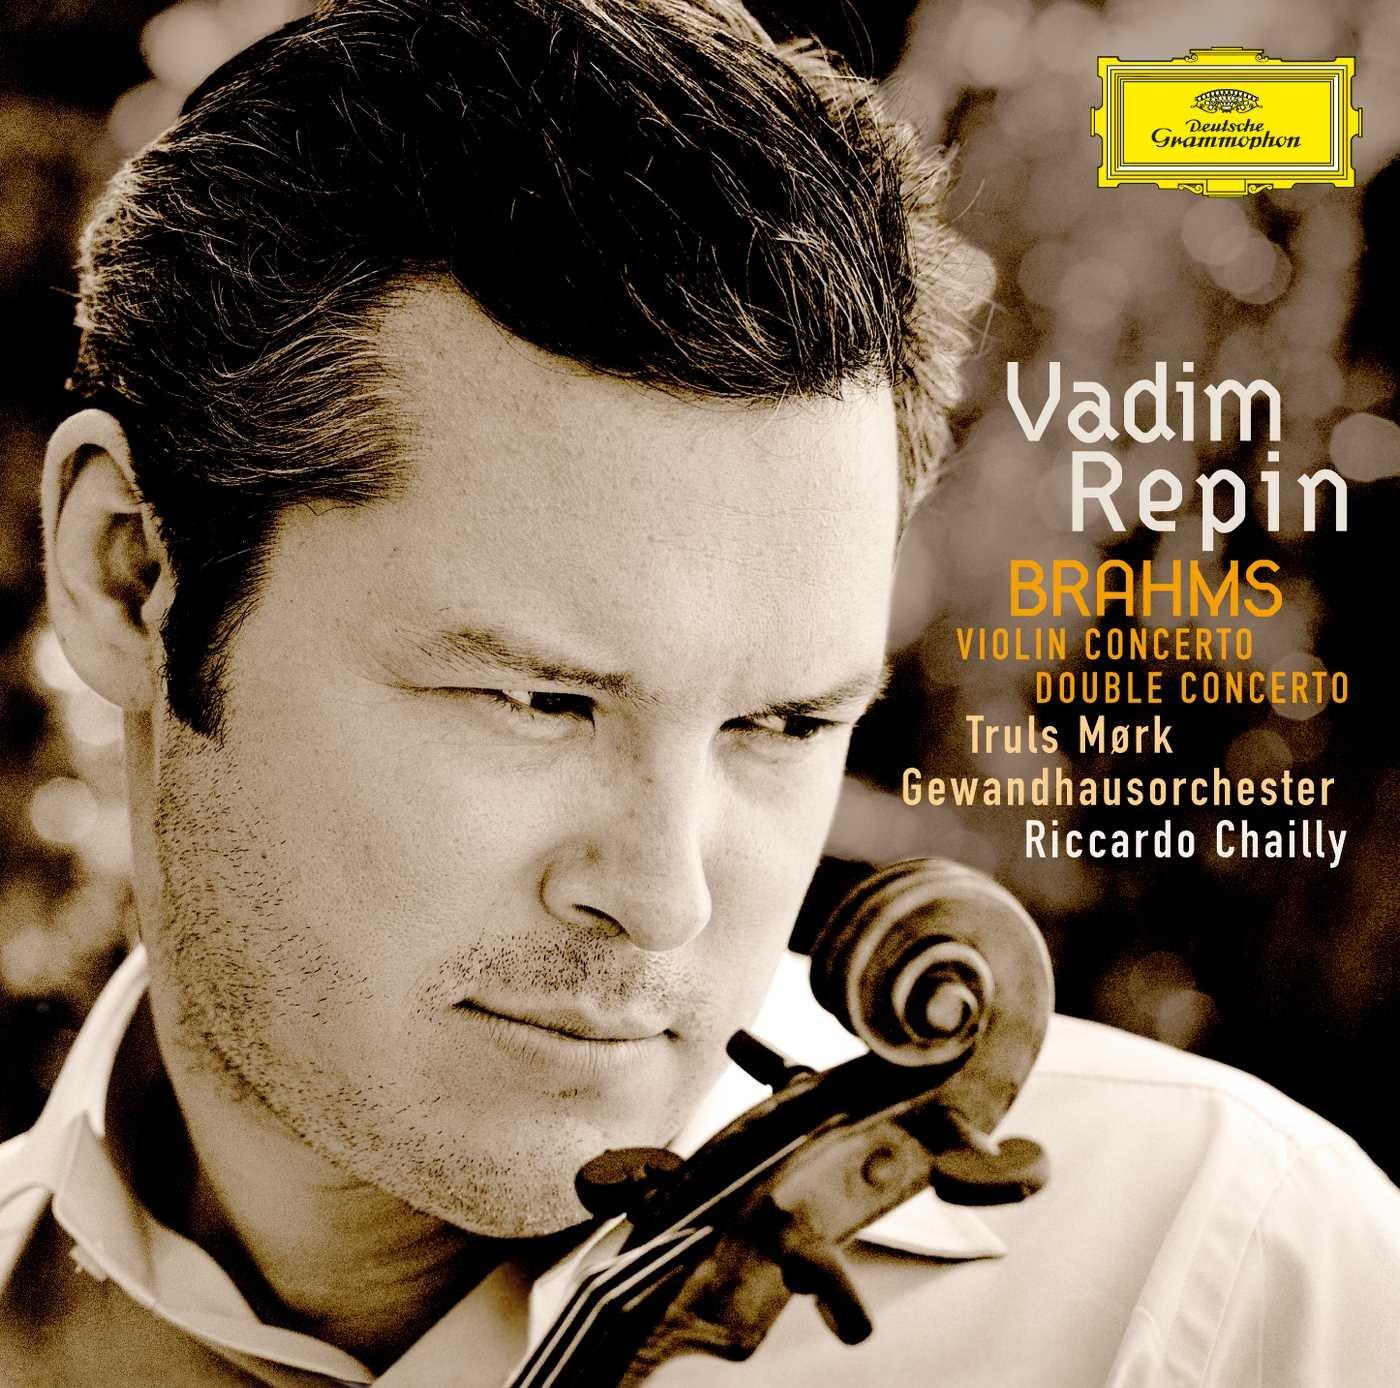 лучшая цена Вадим Репин Brahms. Violin Concerto, Double Concerto